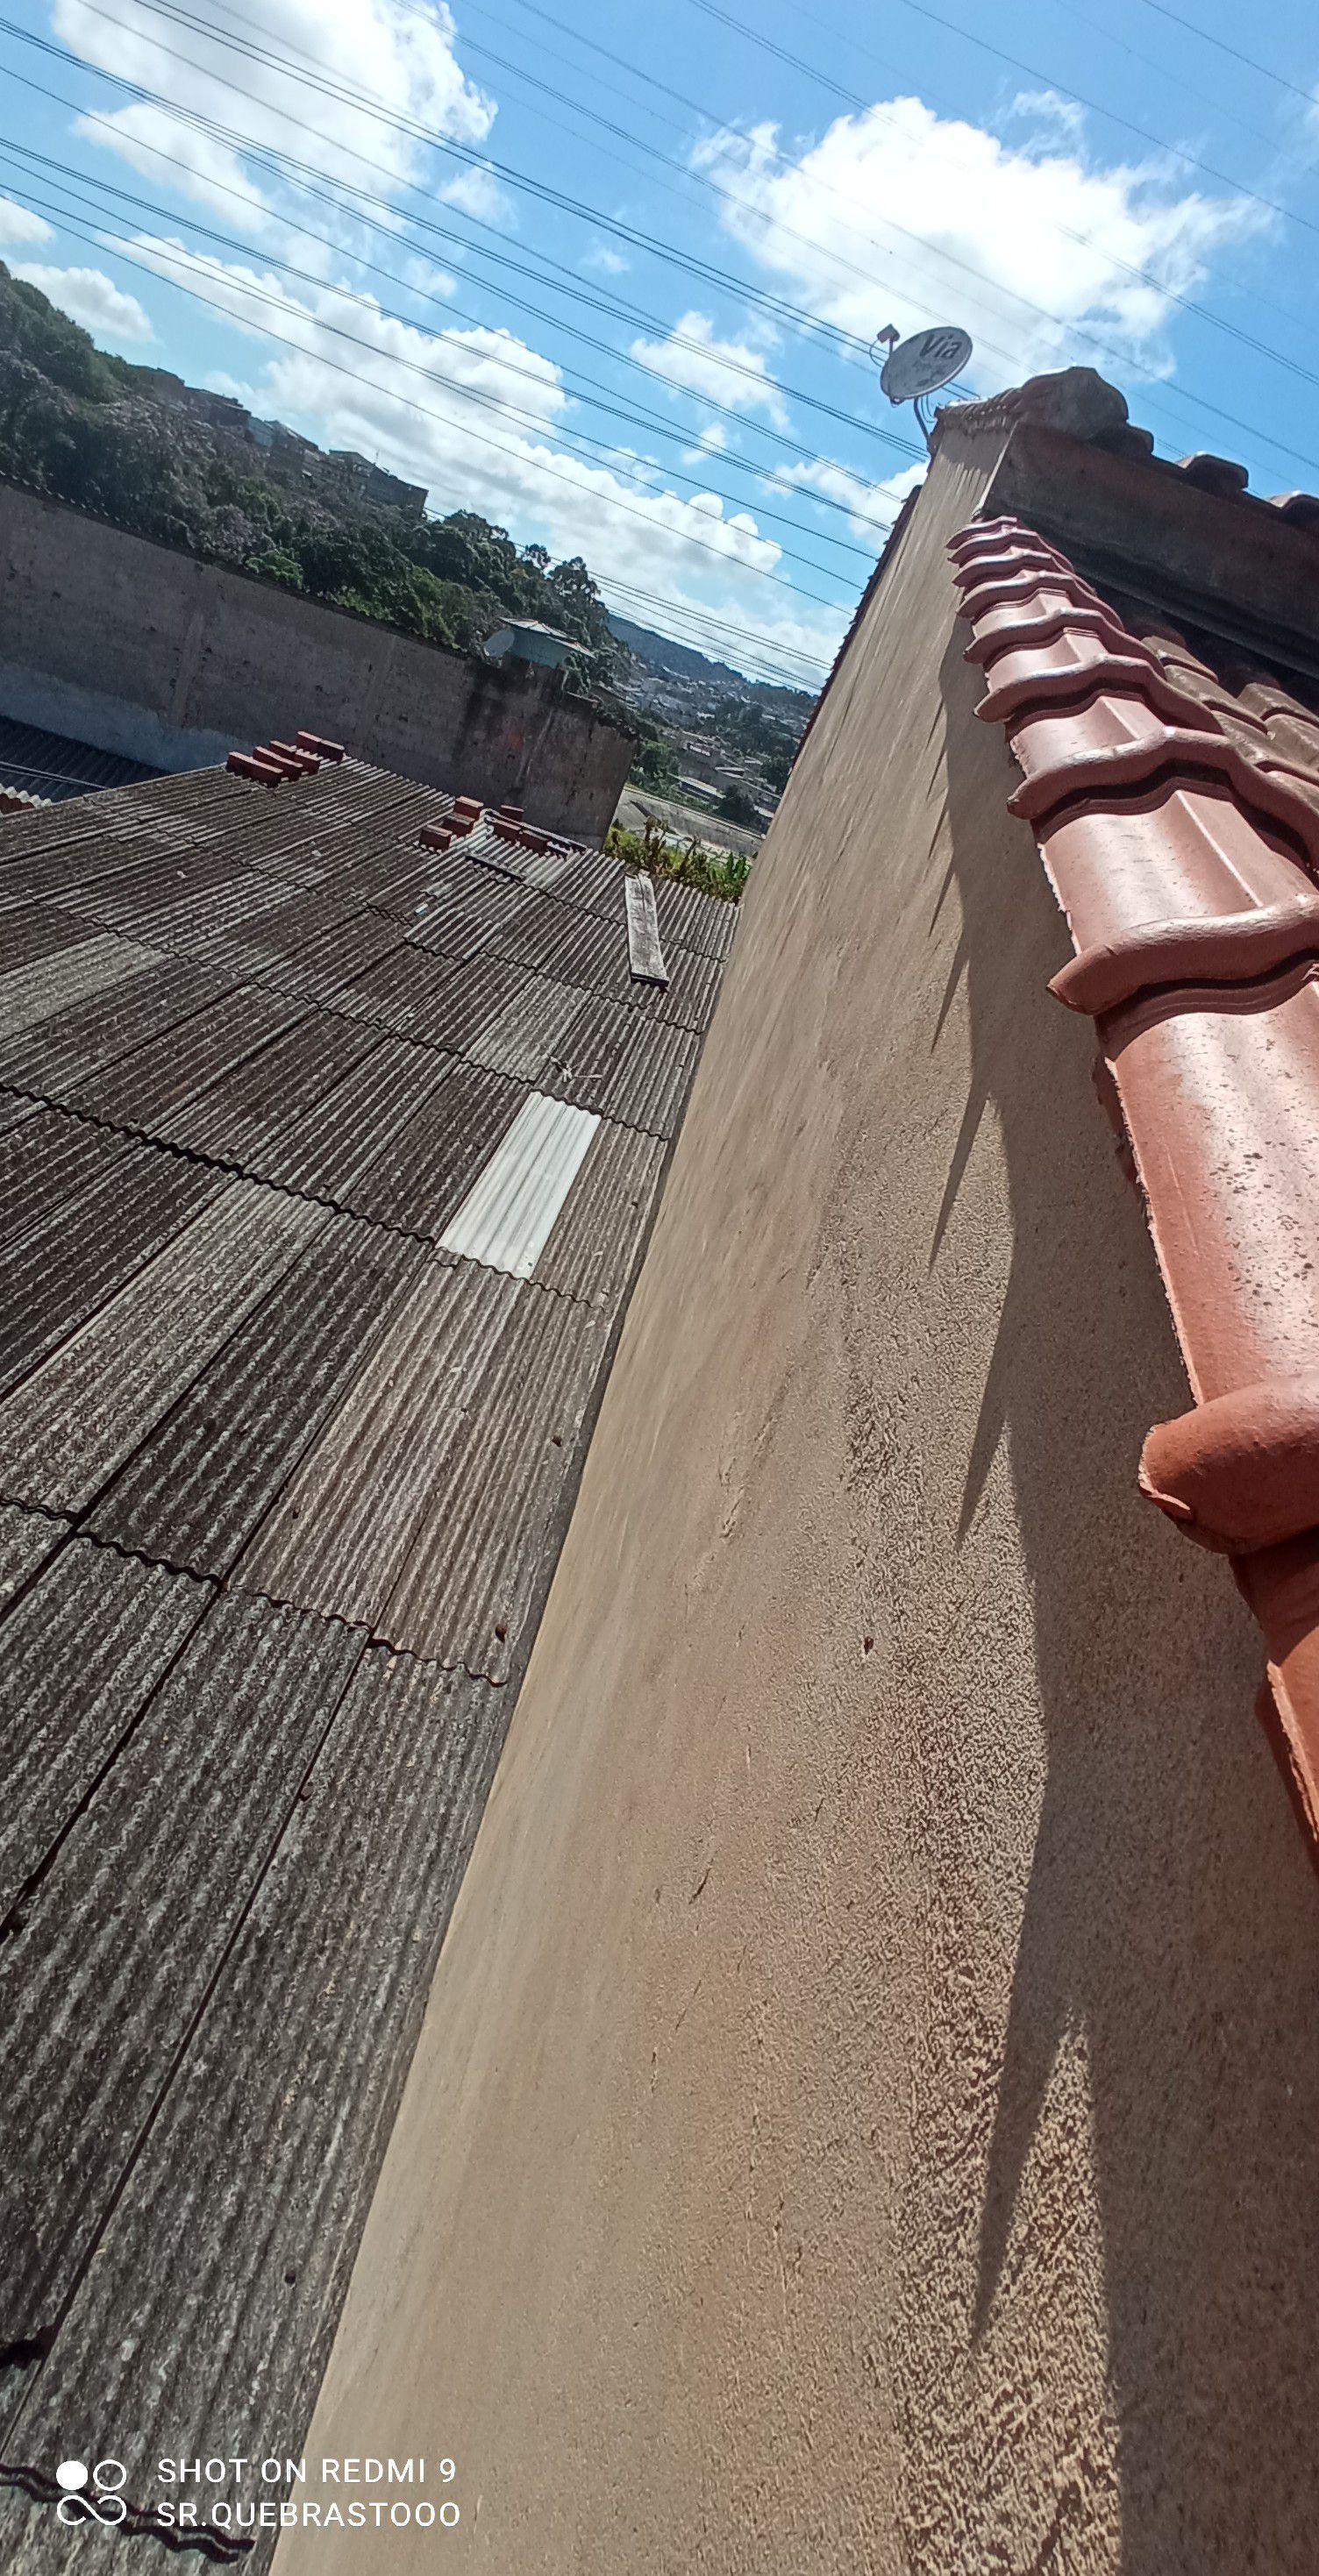 Paredão da parte de cima do telhado